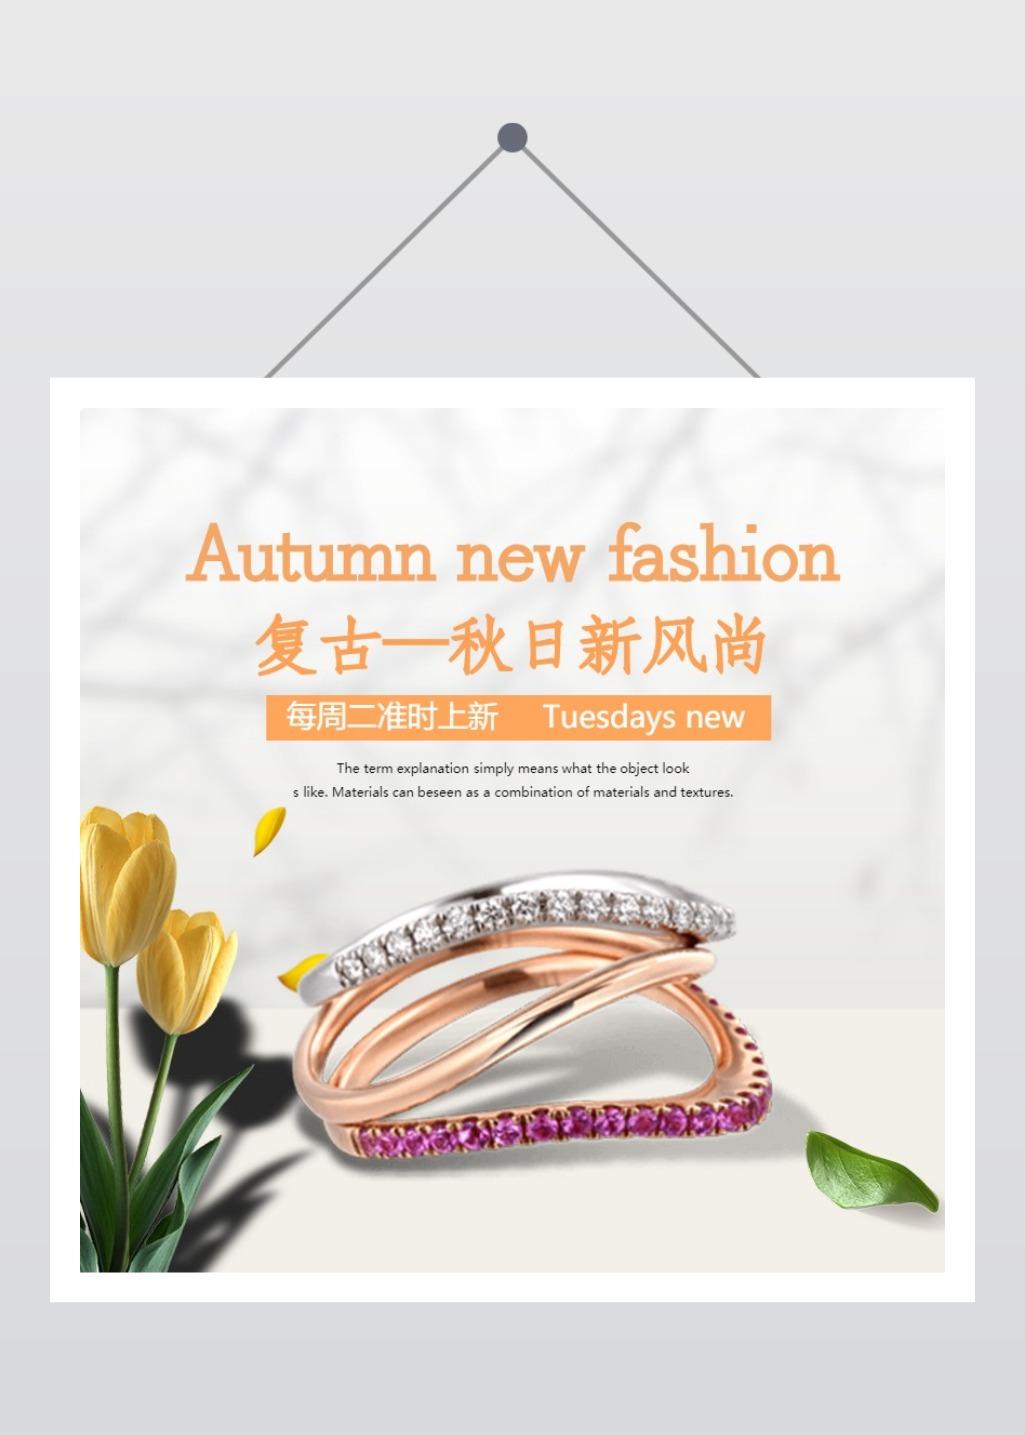 清新简约消费制造奢侈品珠宝首饰促销电商主图